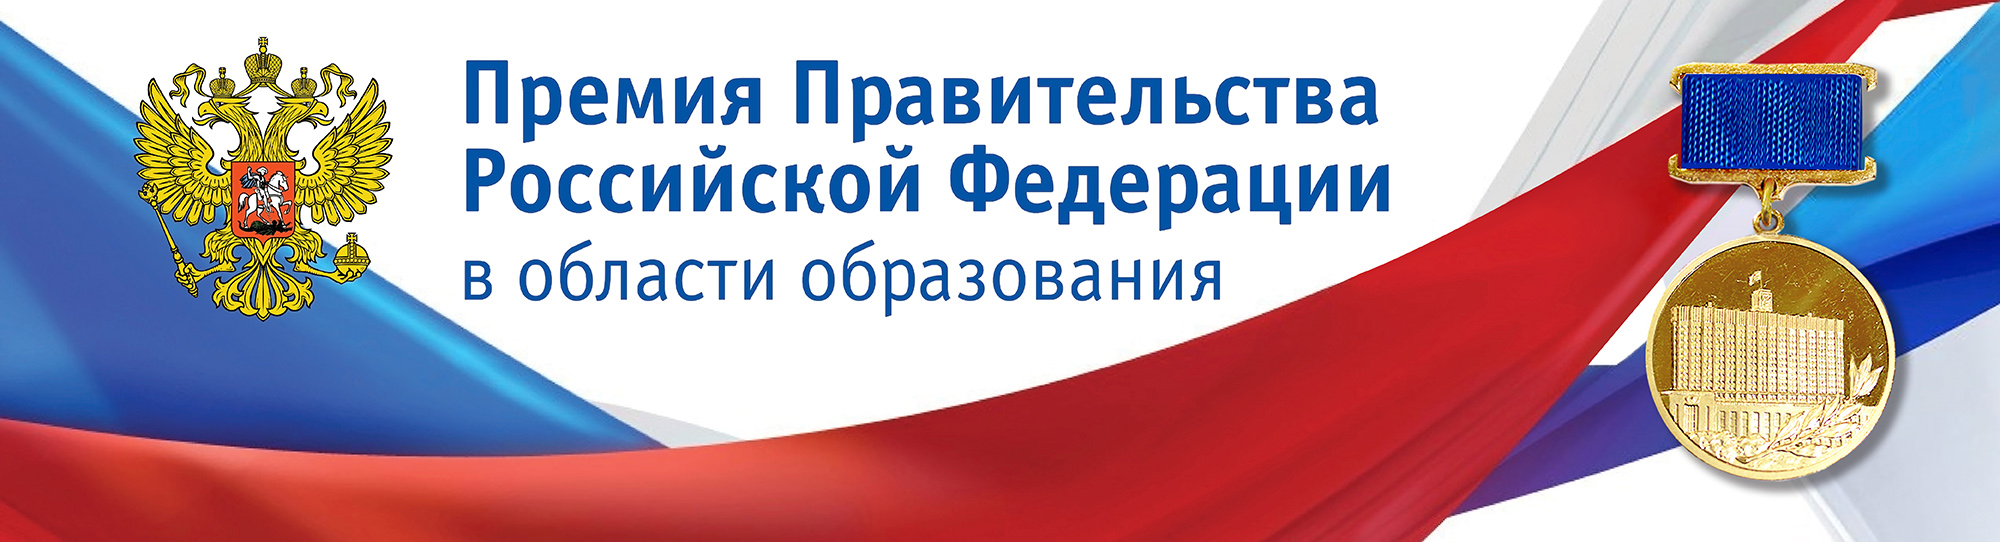 Премия-Правительства-РФ